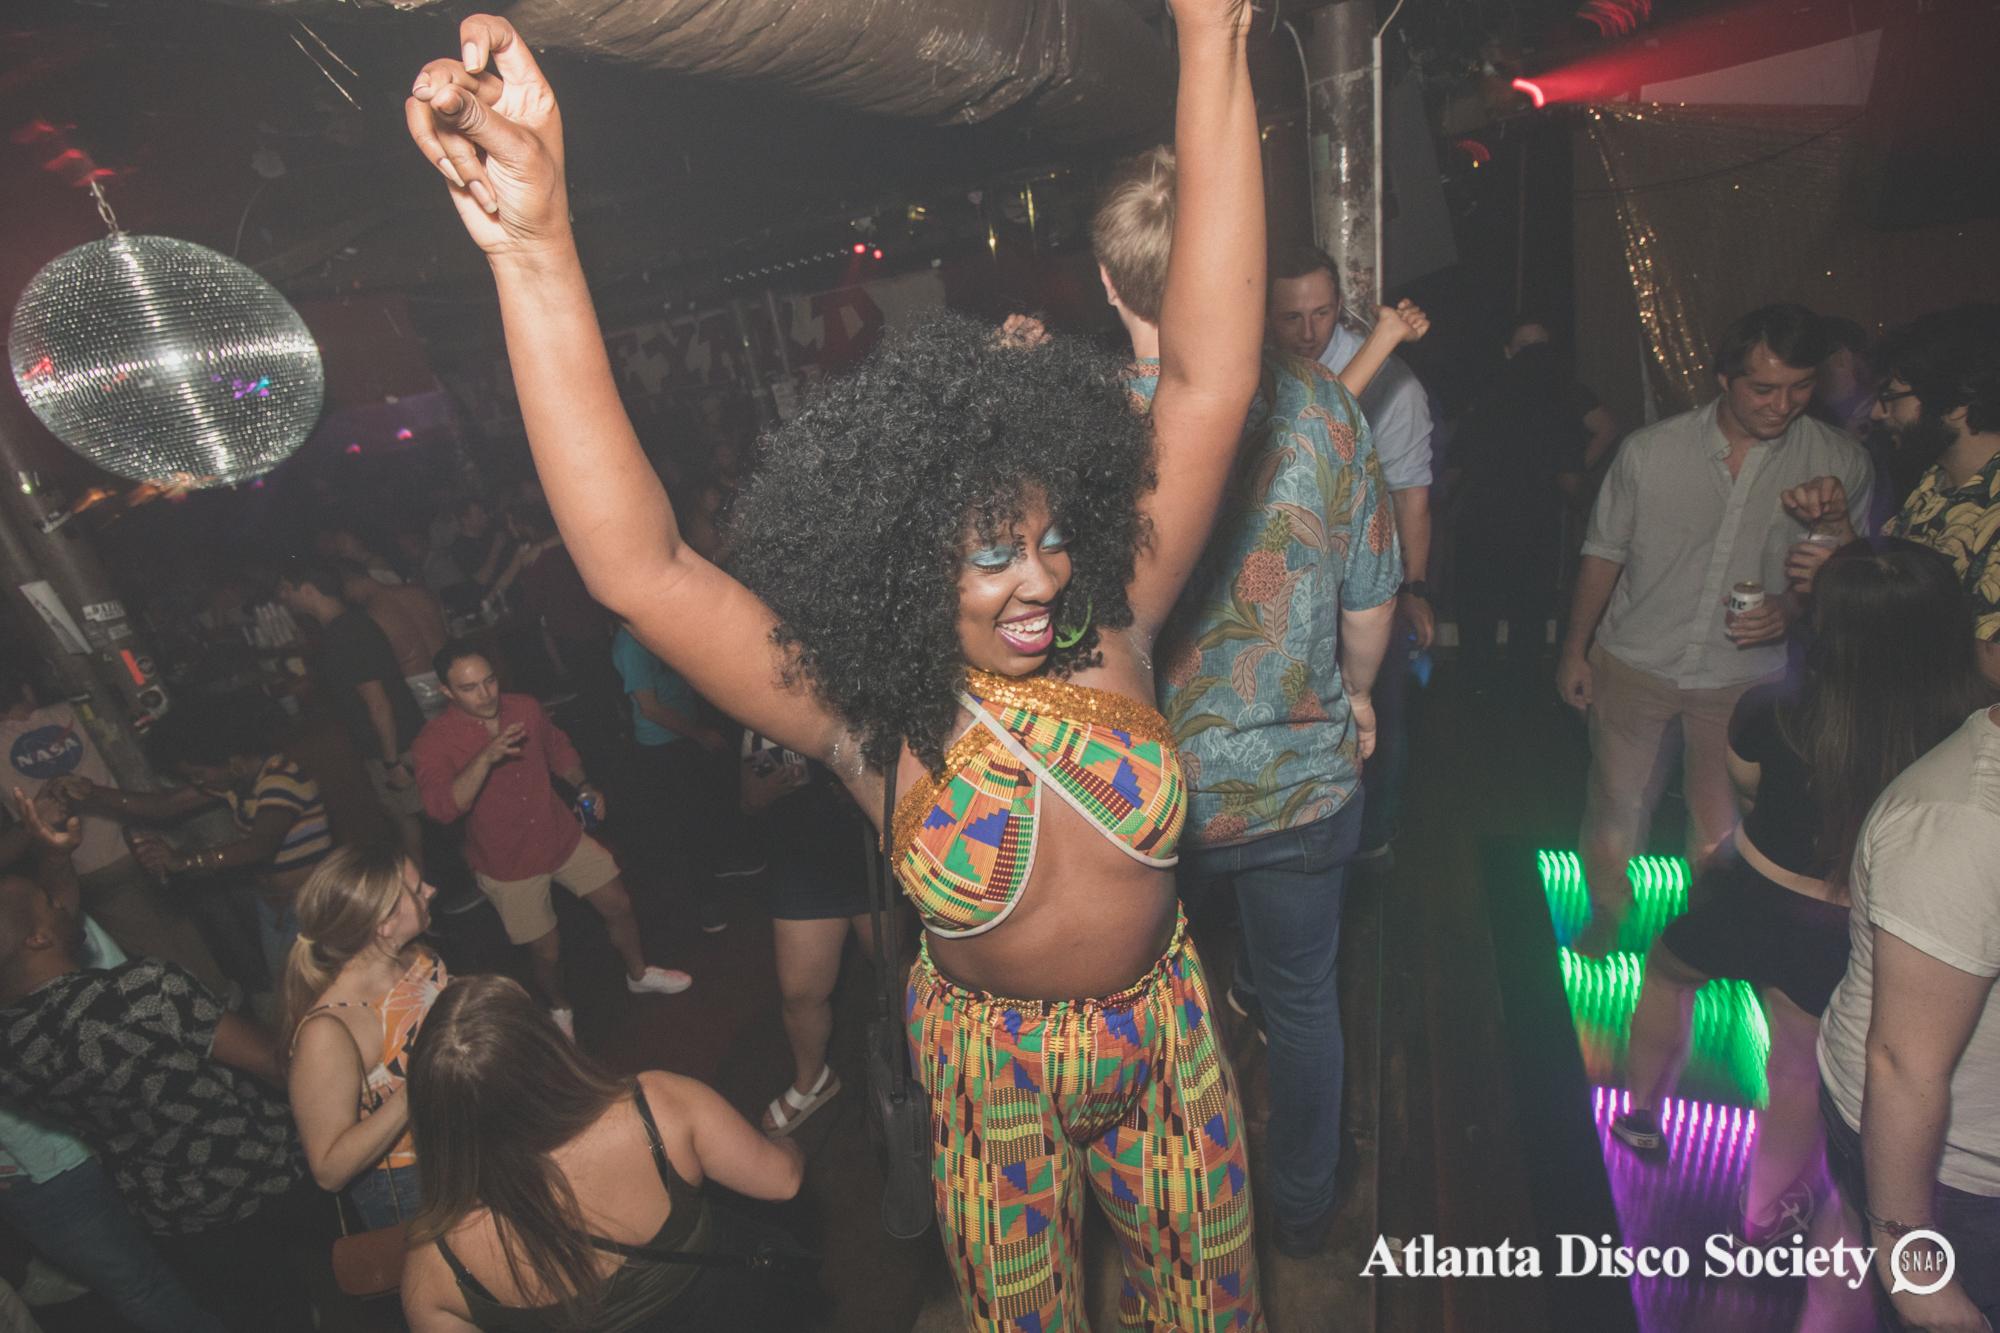 98Atlanta Disco Society Grace Kelly Oh Snap Kid 7.27.19.jpg